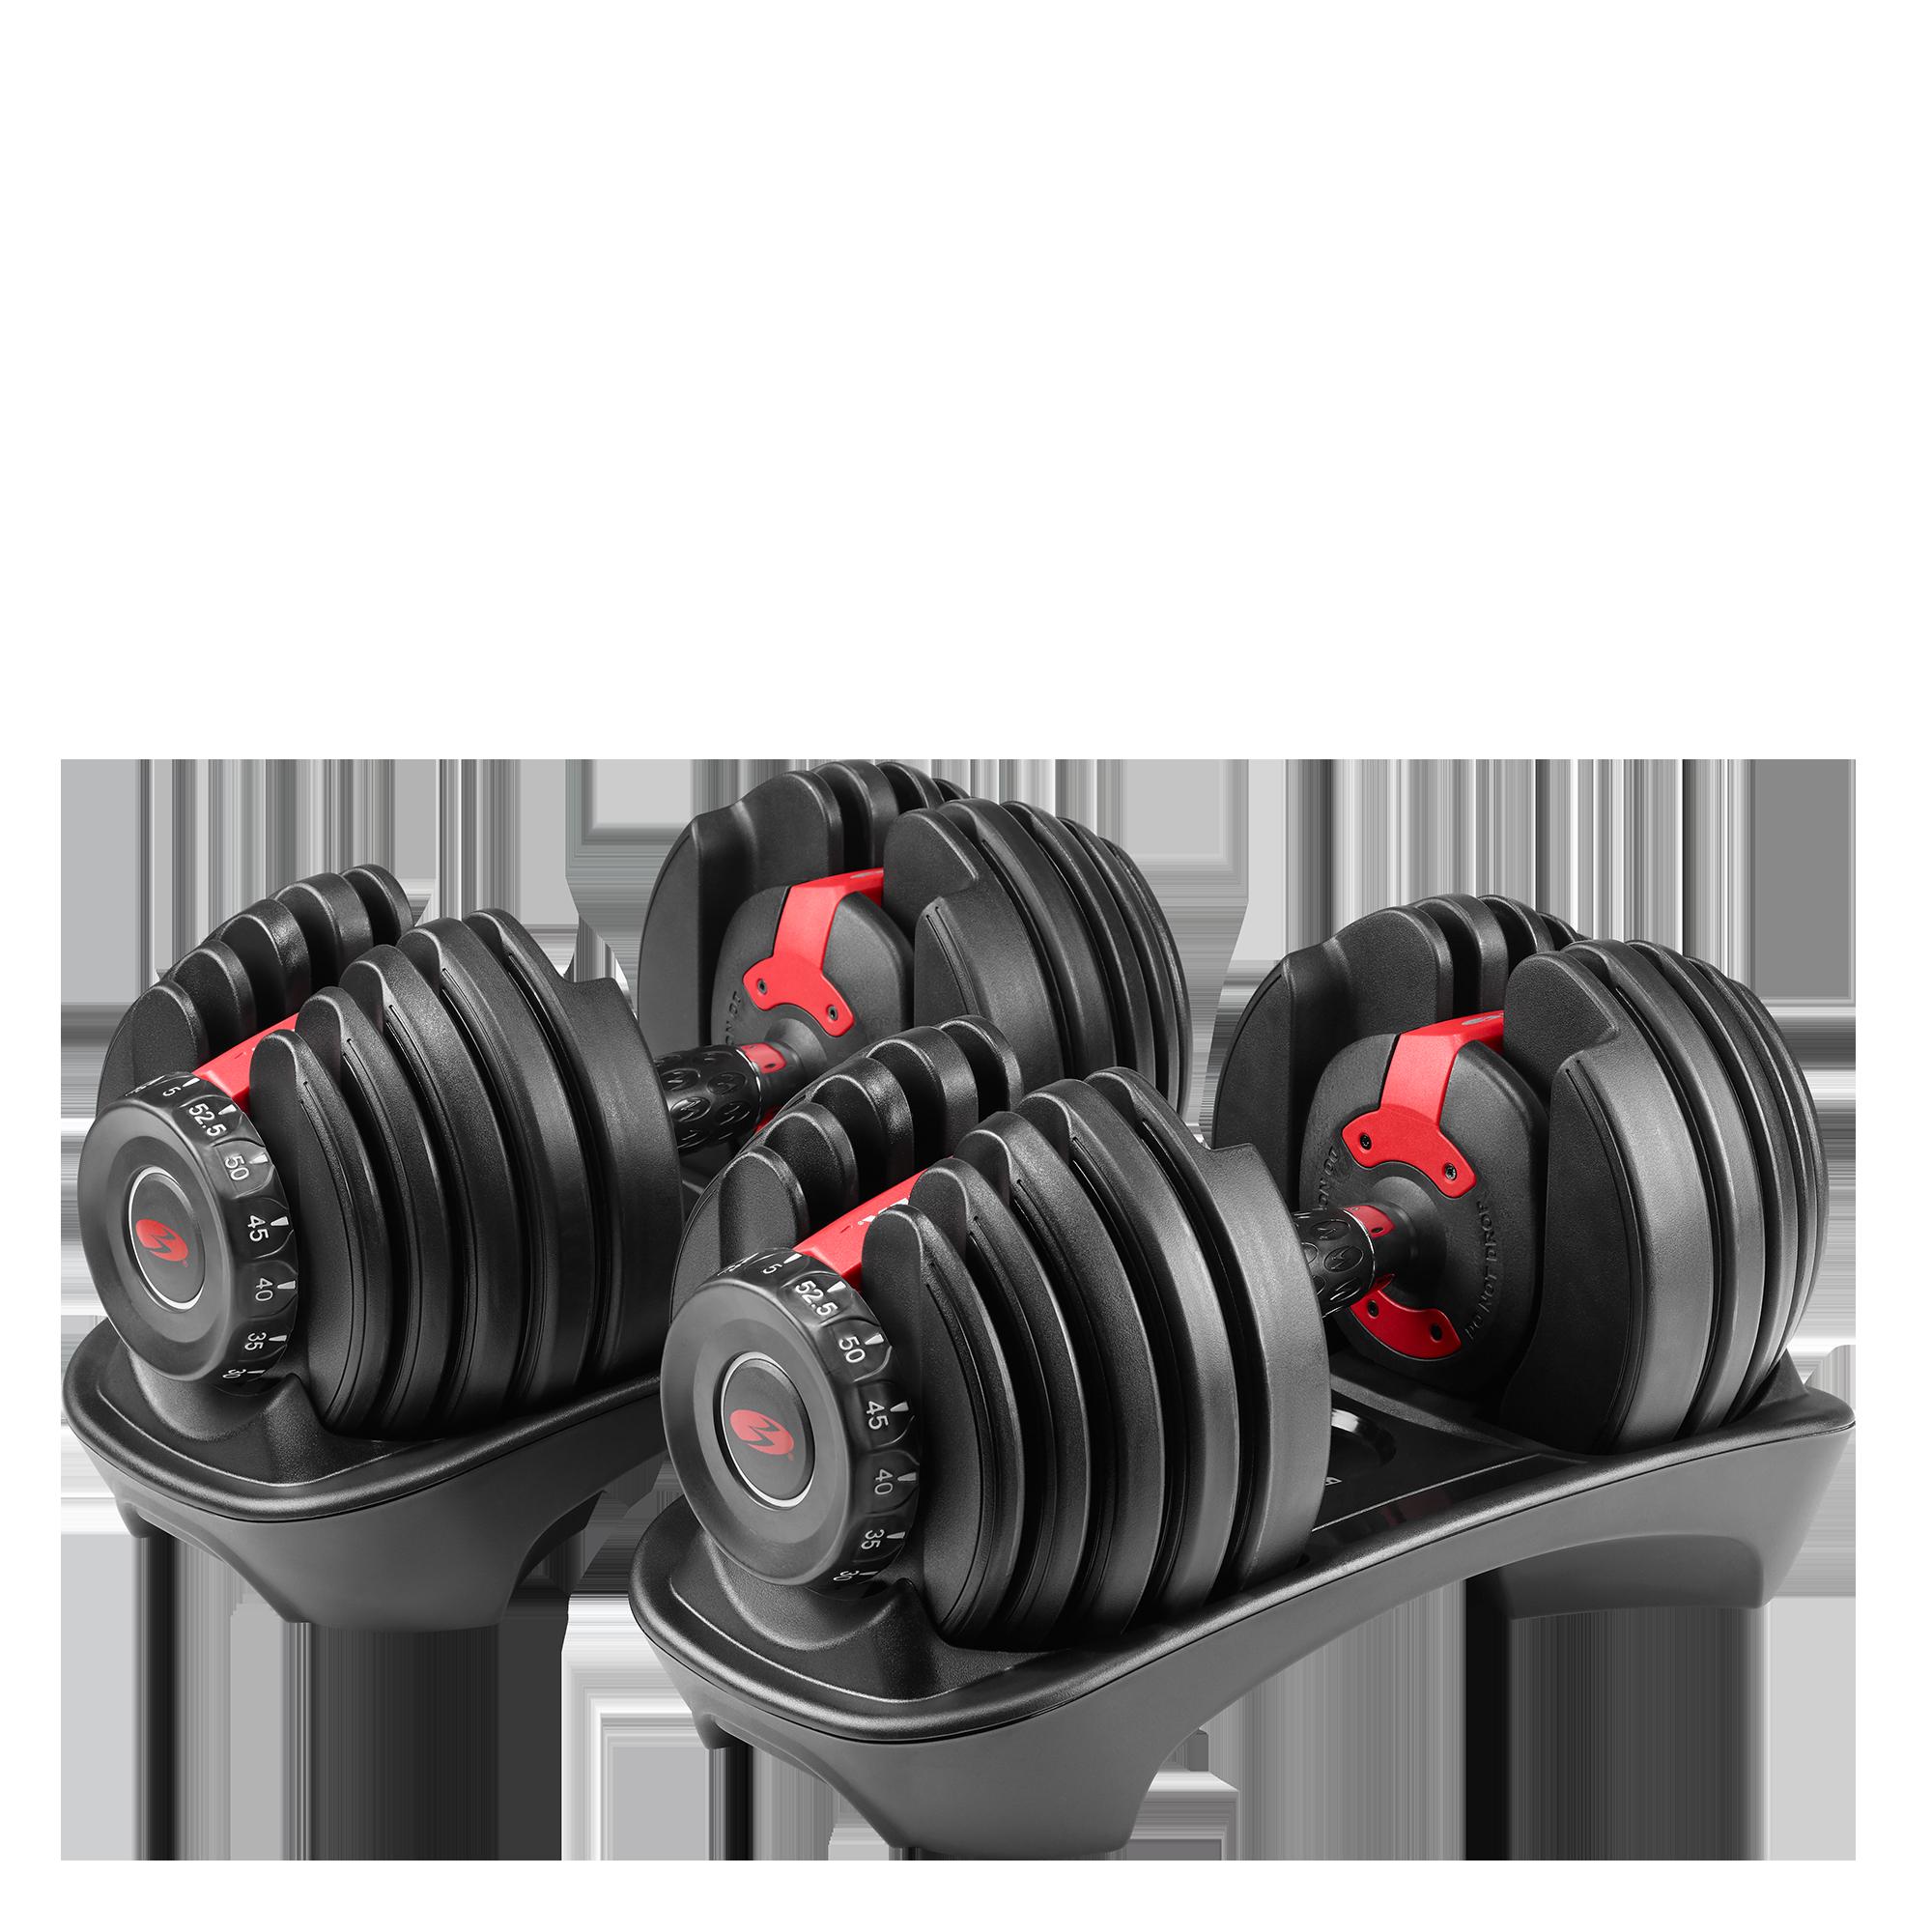 Bowflex Adjustable Dumbbells Used: Bowflex SelectTech 552i Dumbbells